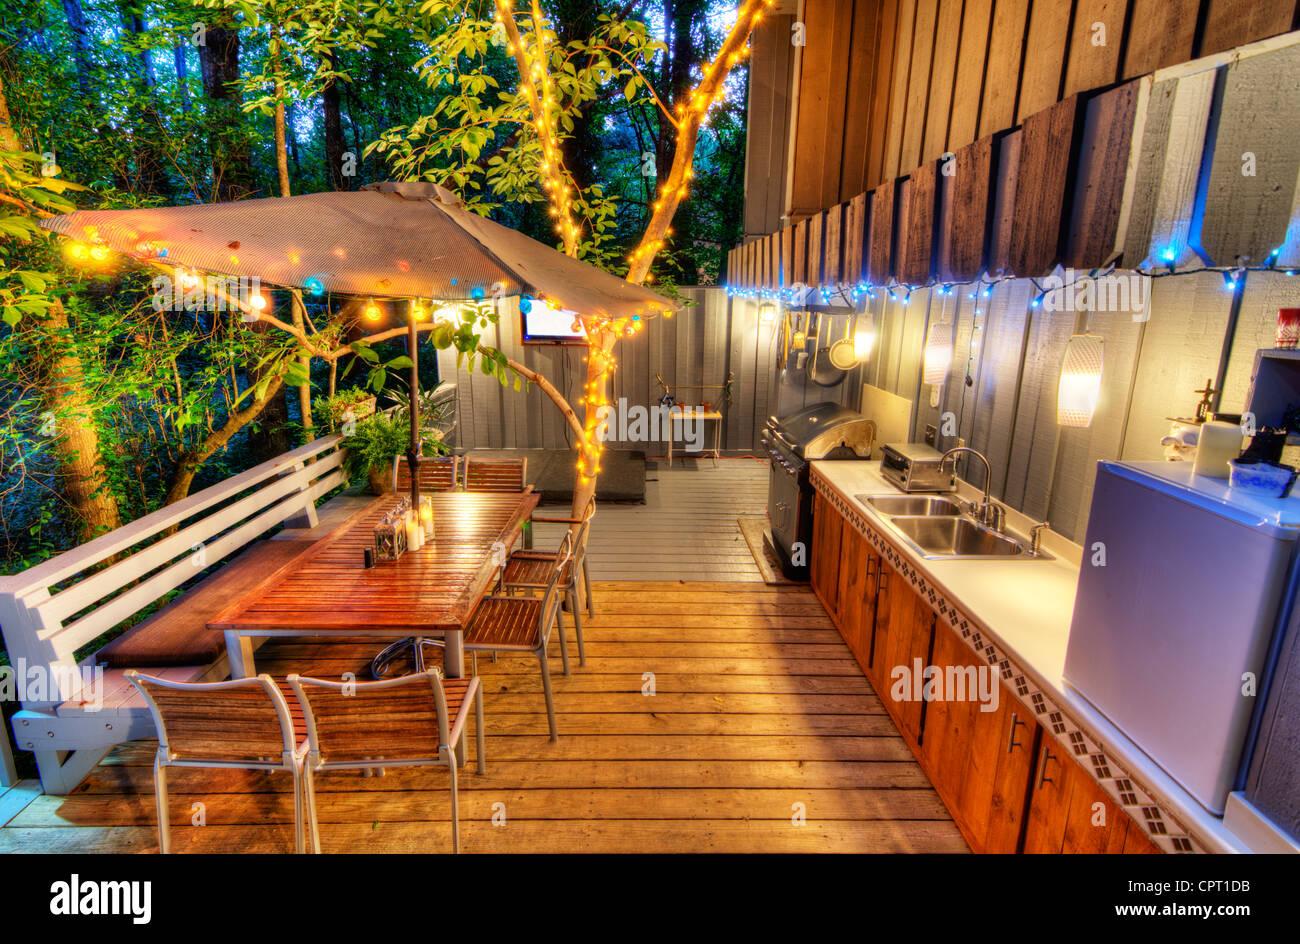 Bella casa veranda sul retro nel bosco Immagini Stock